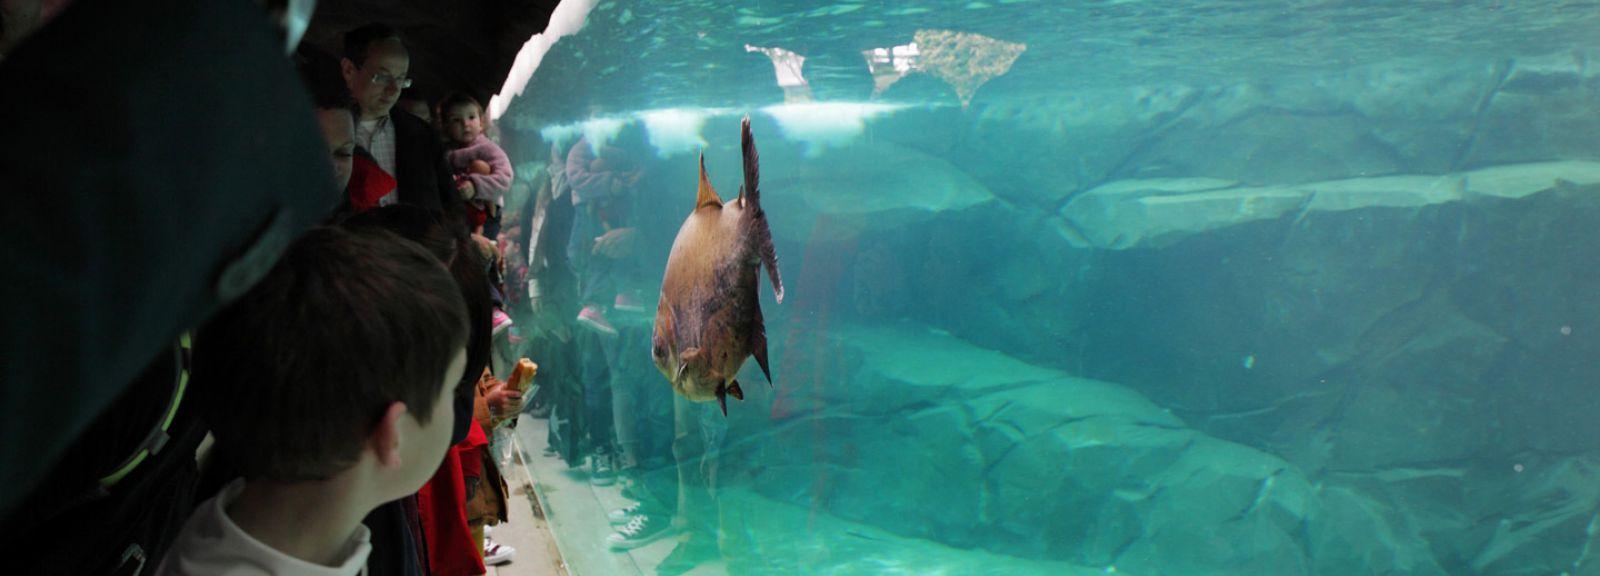 Bassin des lamantins © Manuel Cohen - MNHN